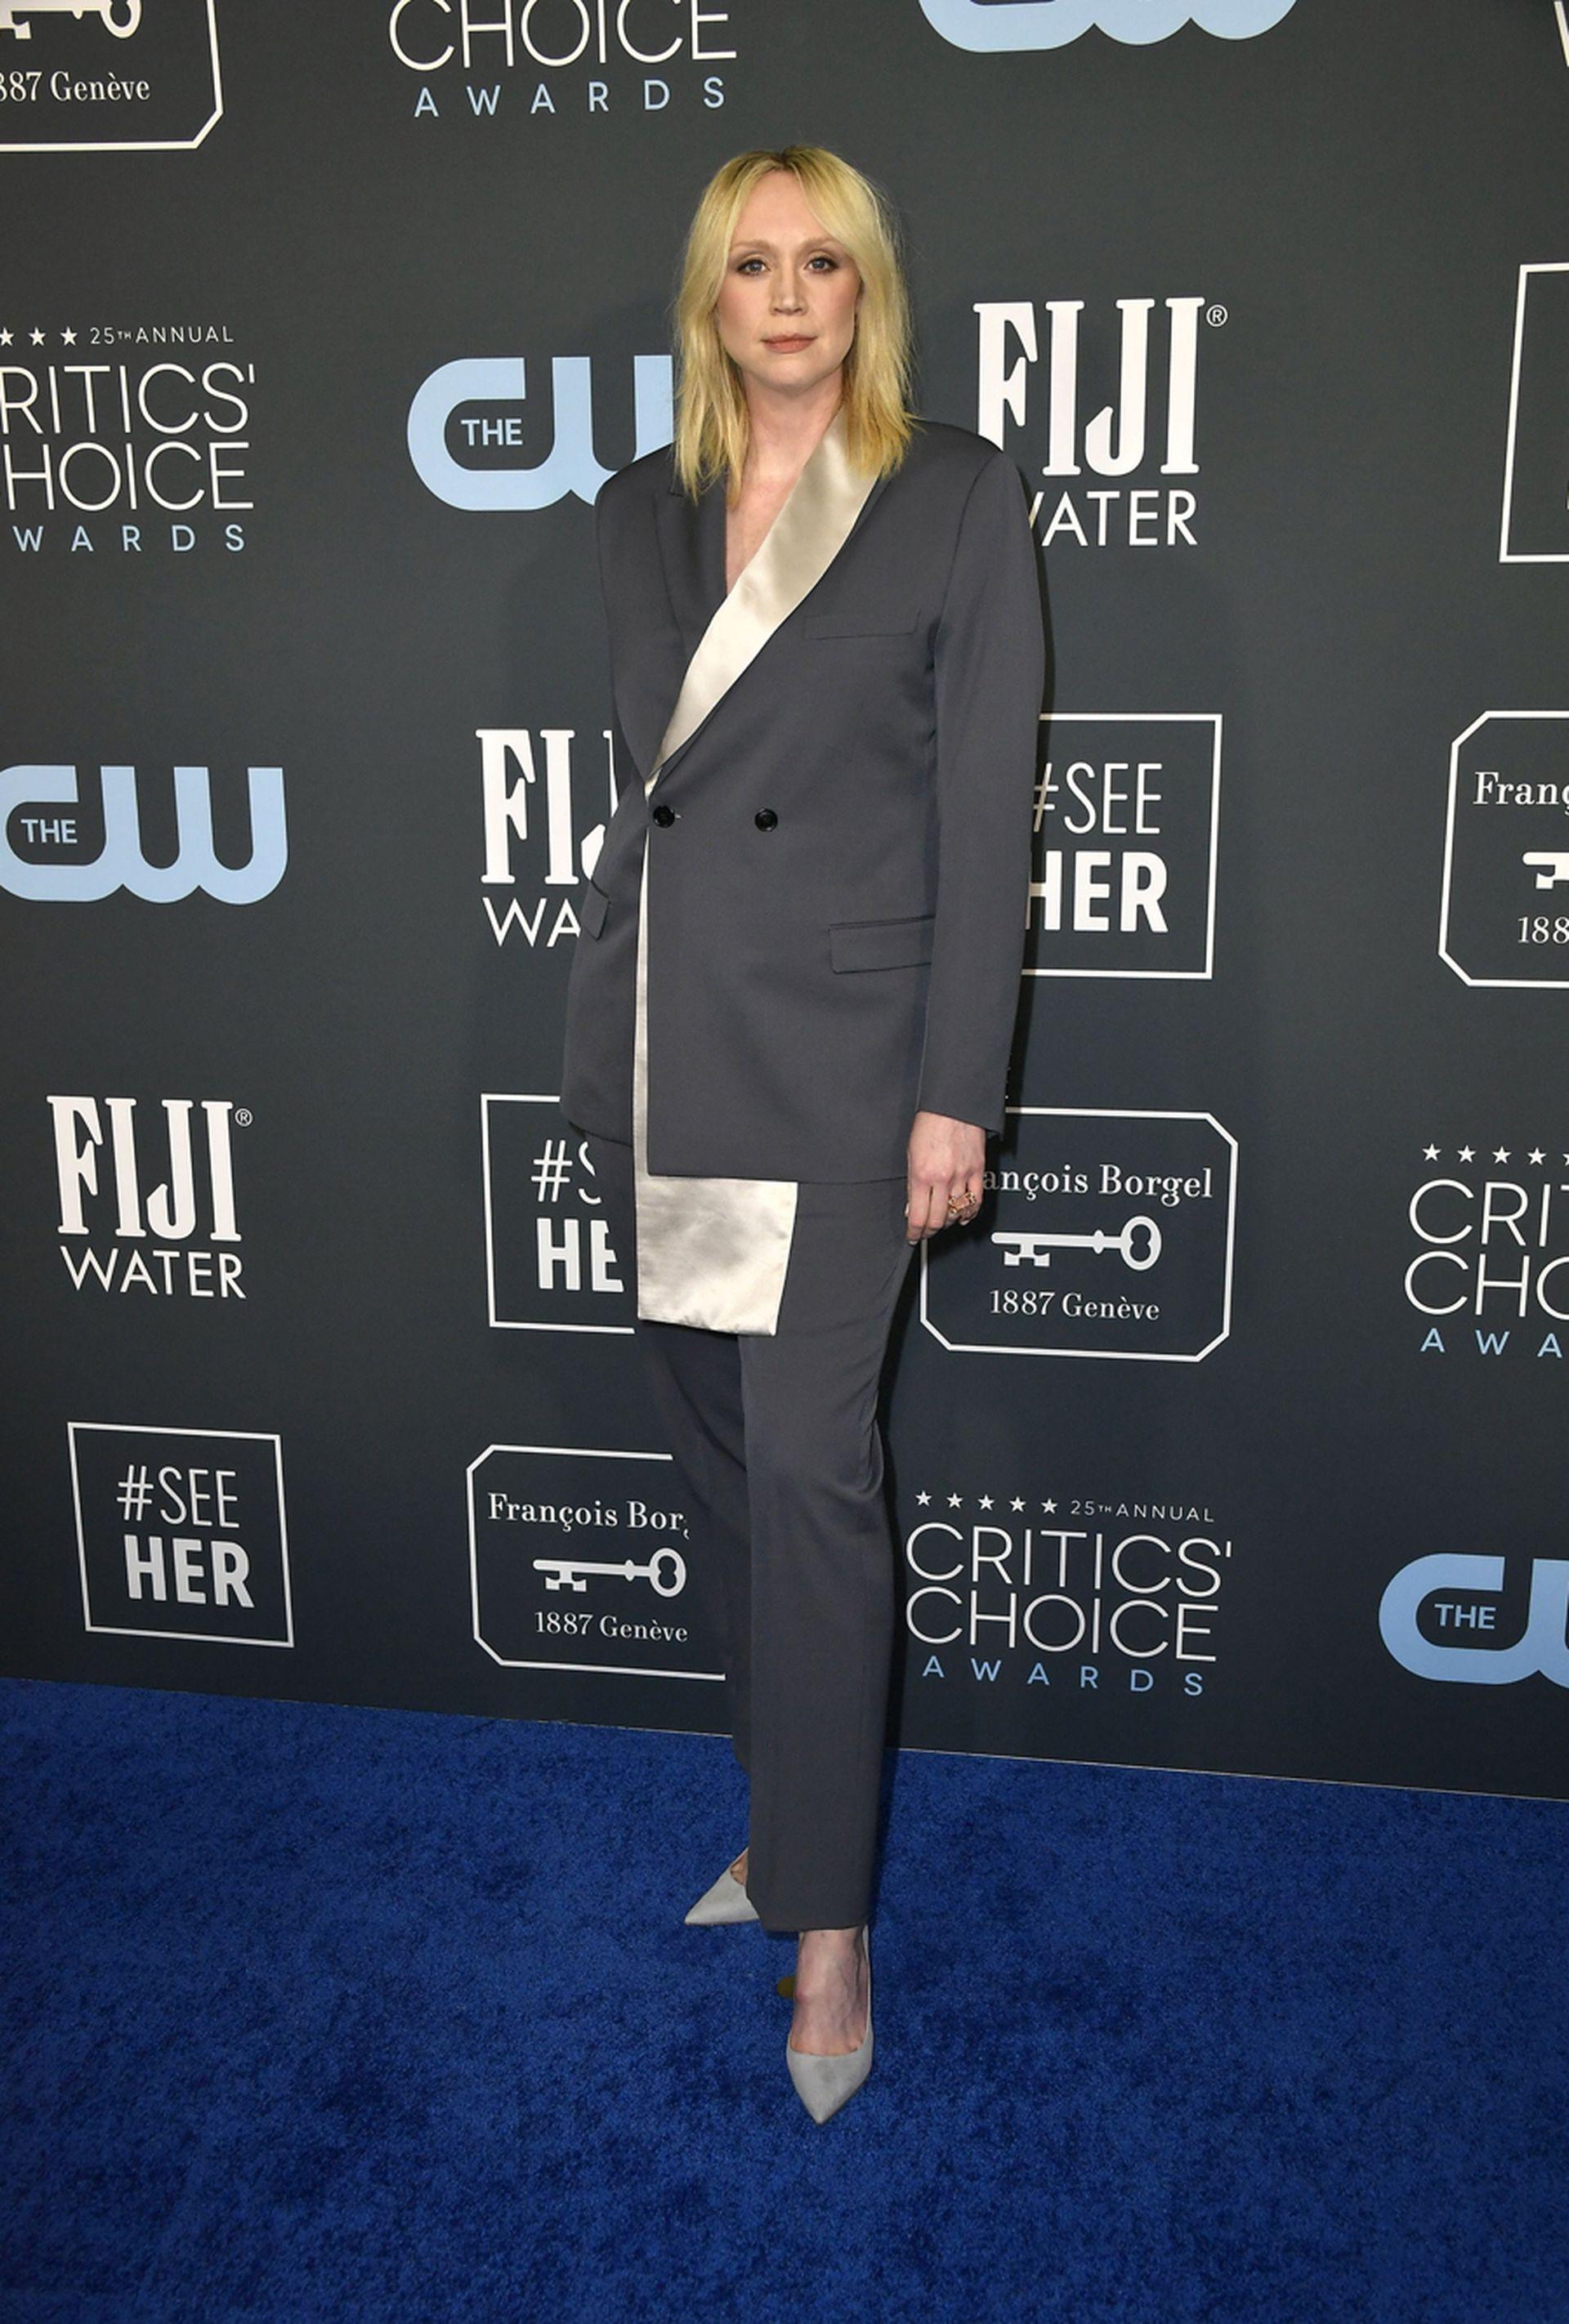 La actriz inglesa Gwendoline Christie escogió un traje en color gris y dorado de Dior